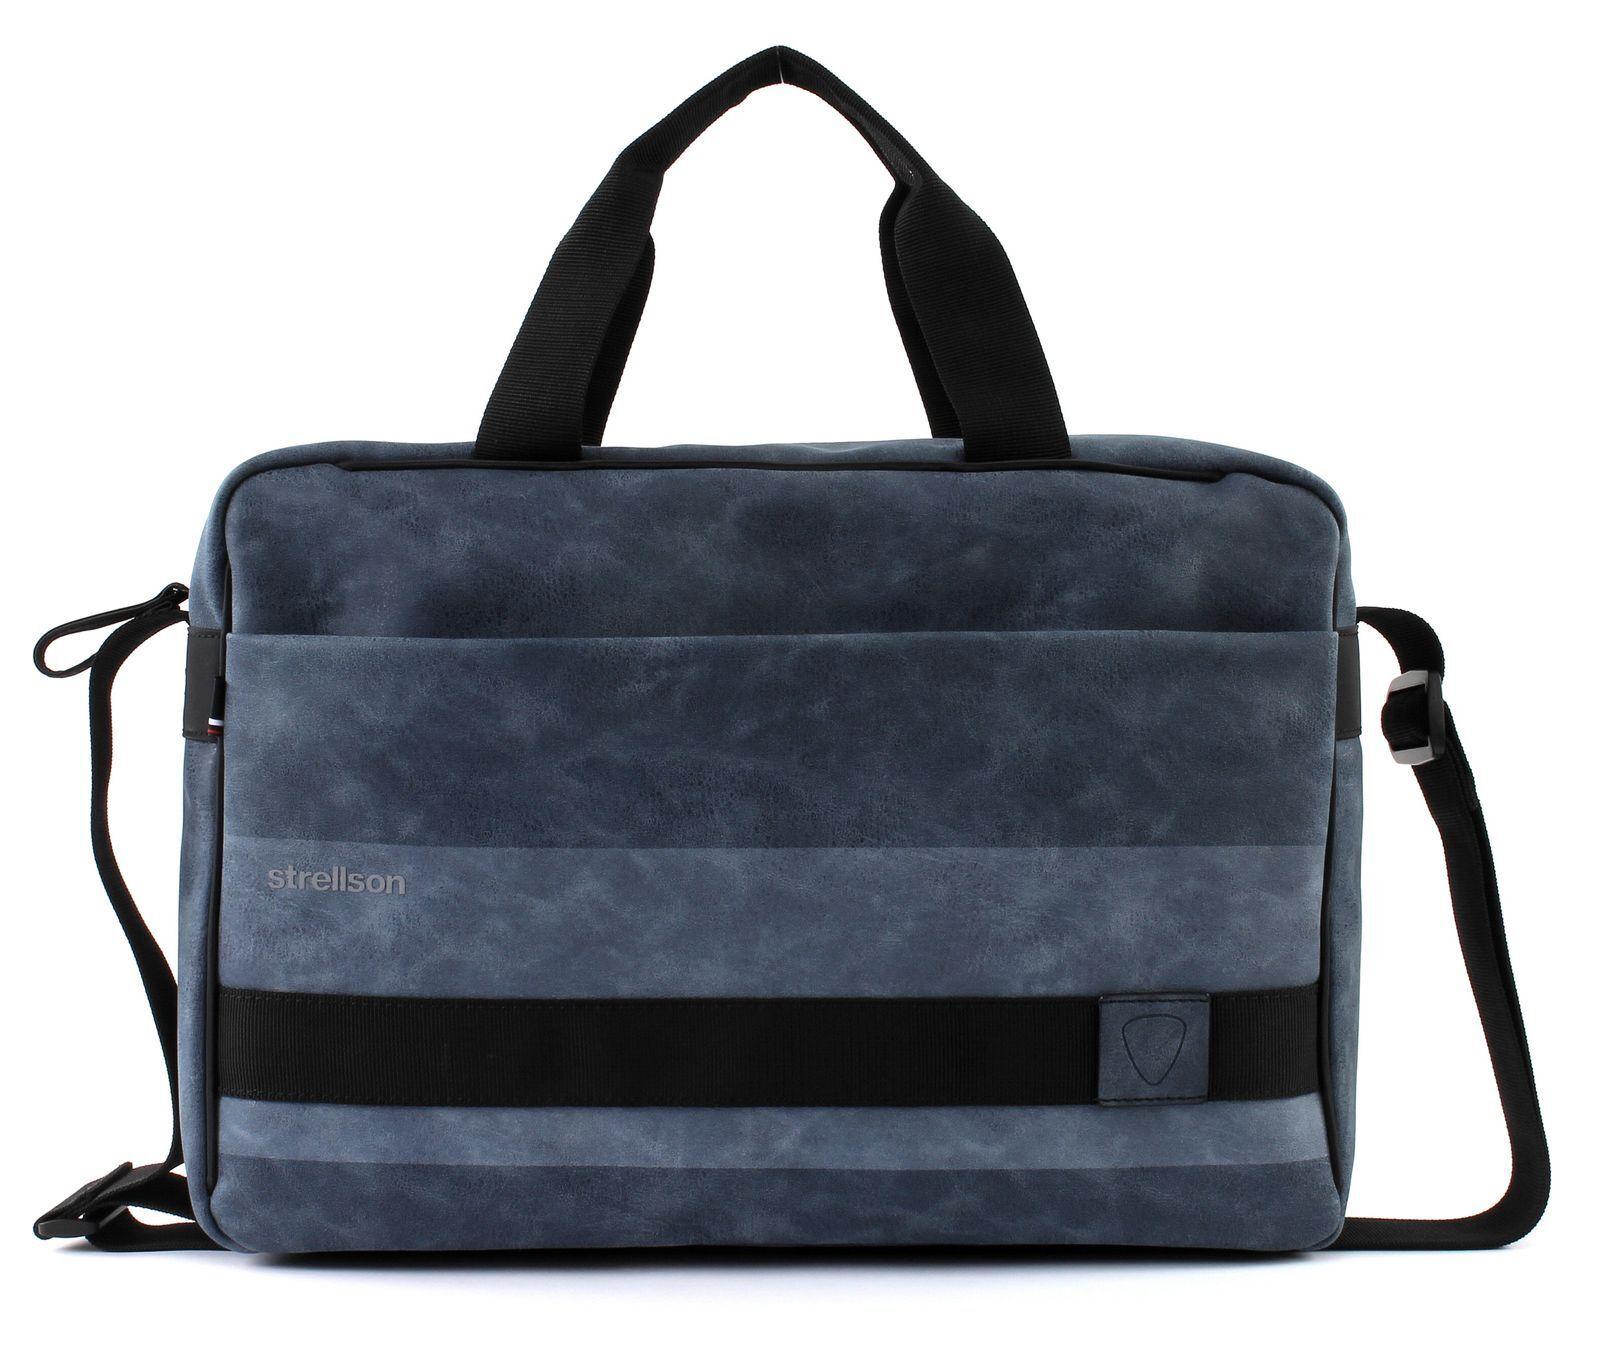 Strellson Finchley BriefBag MHZ Umhängetasche Tasche Dark Blau Blau Neu | Meistverkaufte weltweit  | Für Ihre Wahl  | Schön und charmant